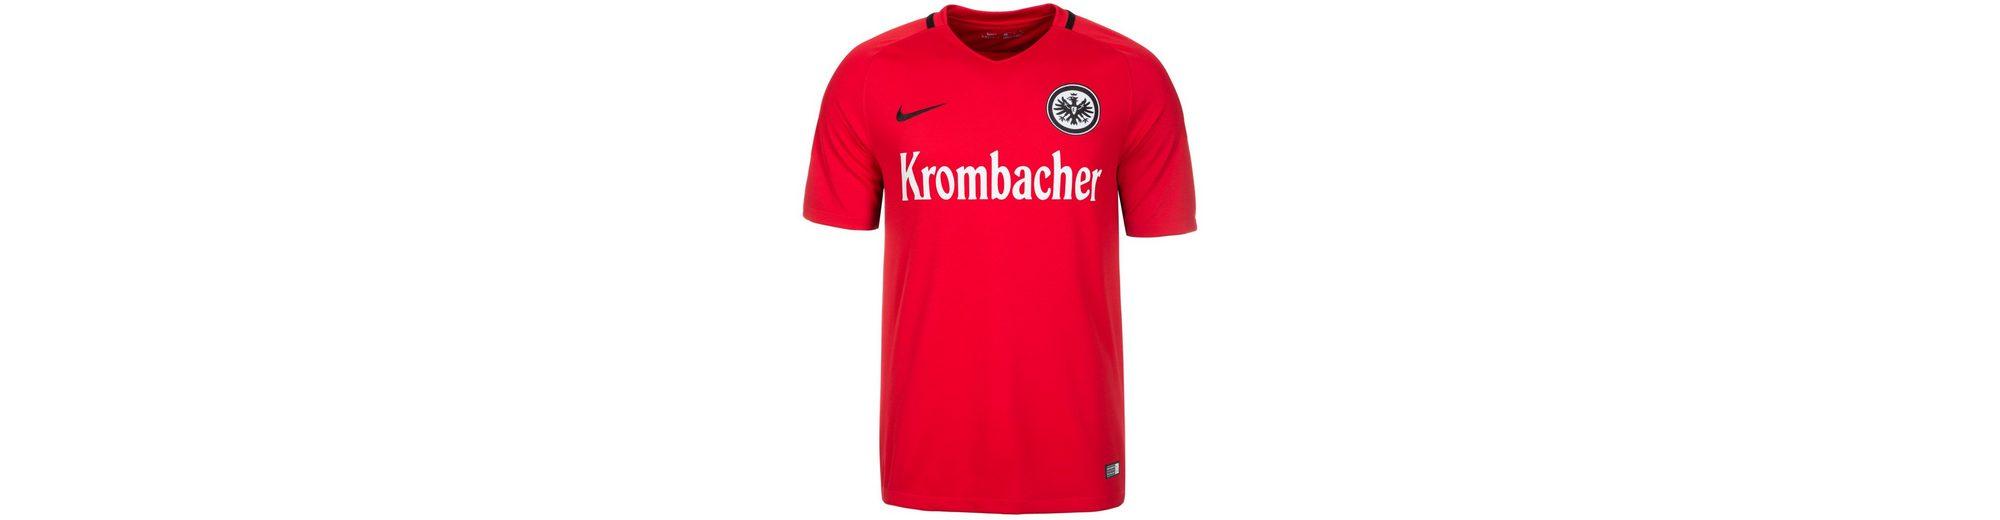 Auslassstellen Günstig Online 100% Original Online-Verkauf Nike Eintracht Frankfurt Trikot Away 2016/2017 Herren Nicekicks Natürlich Und Frei WRIRLjHH6